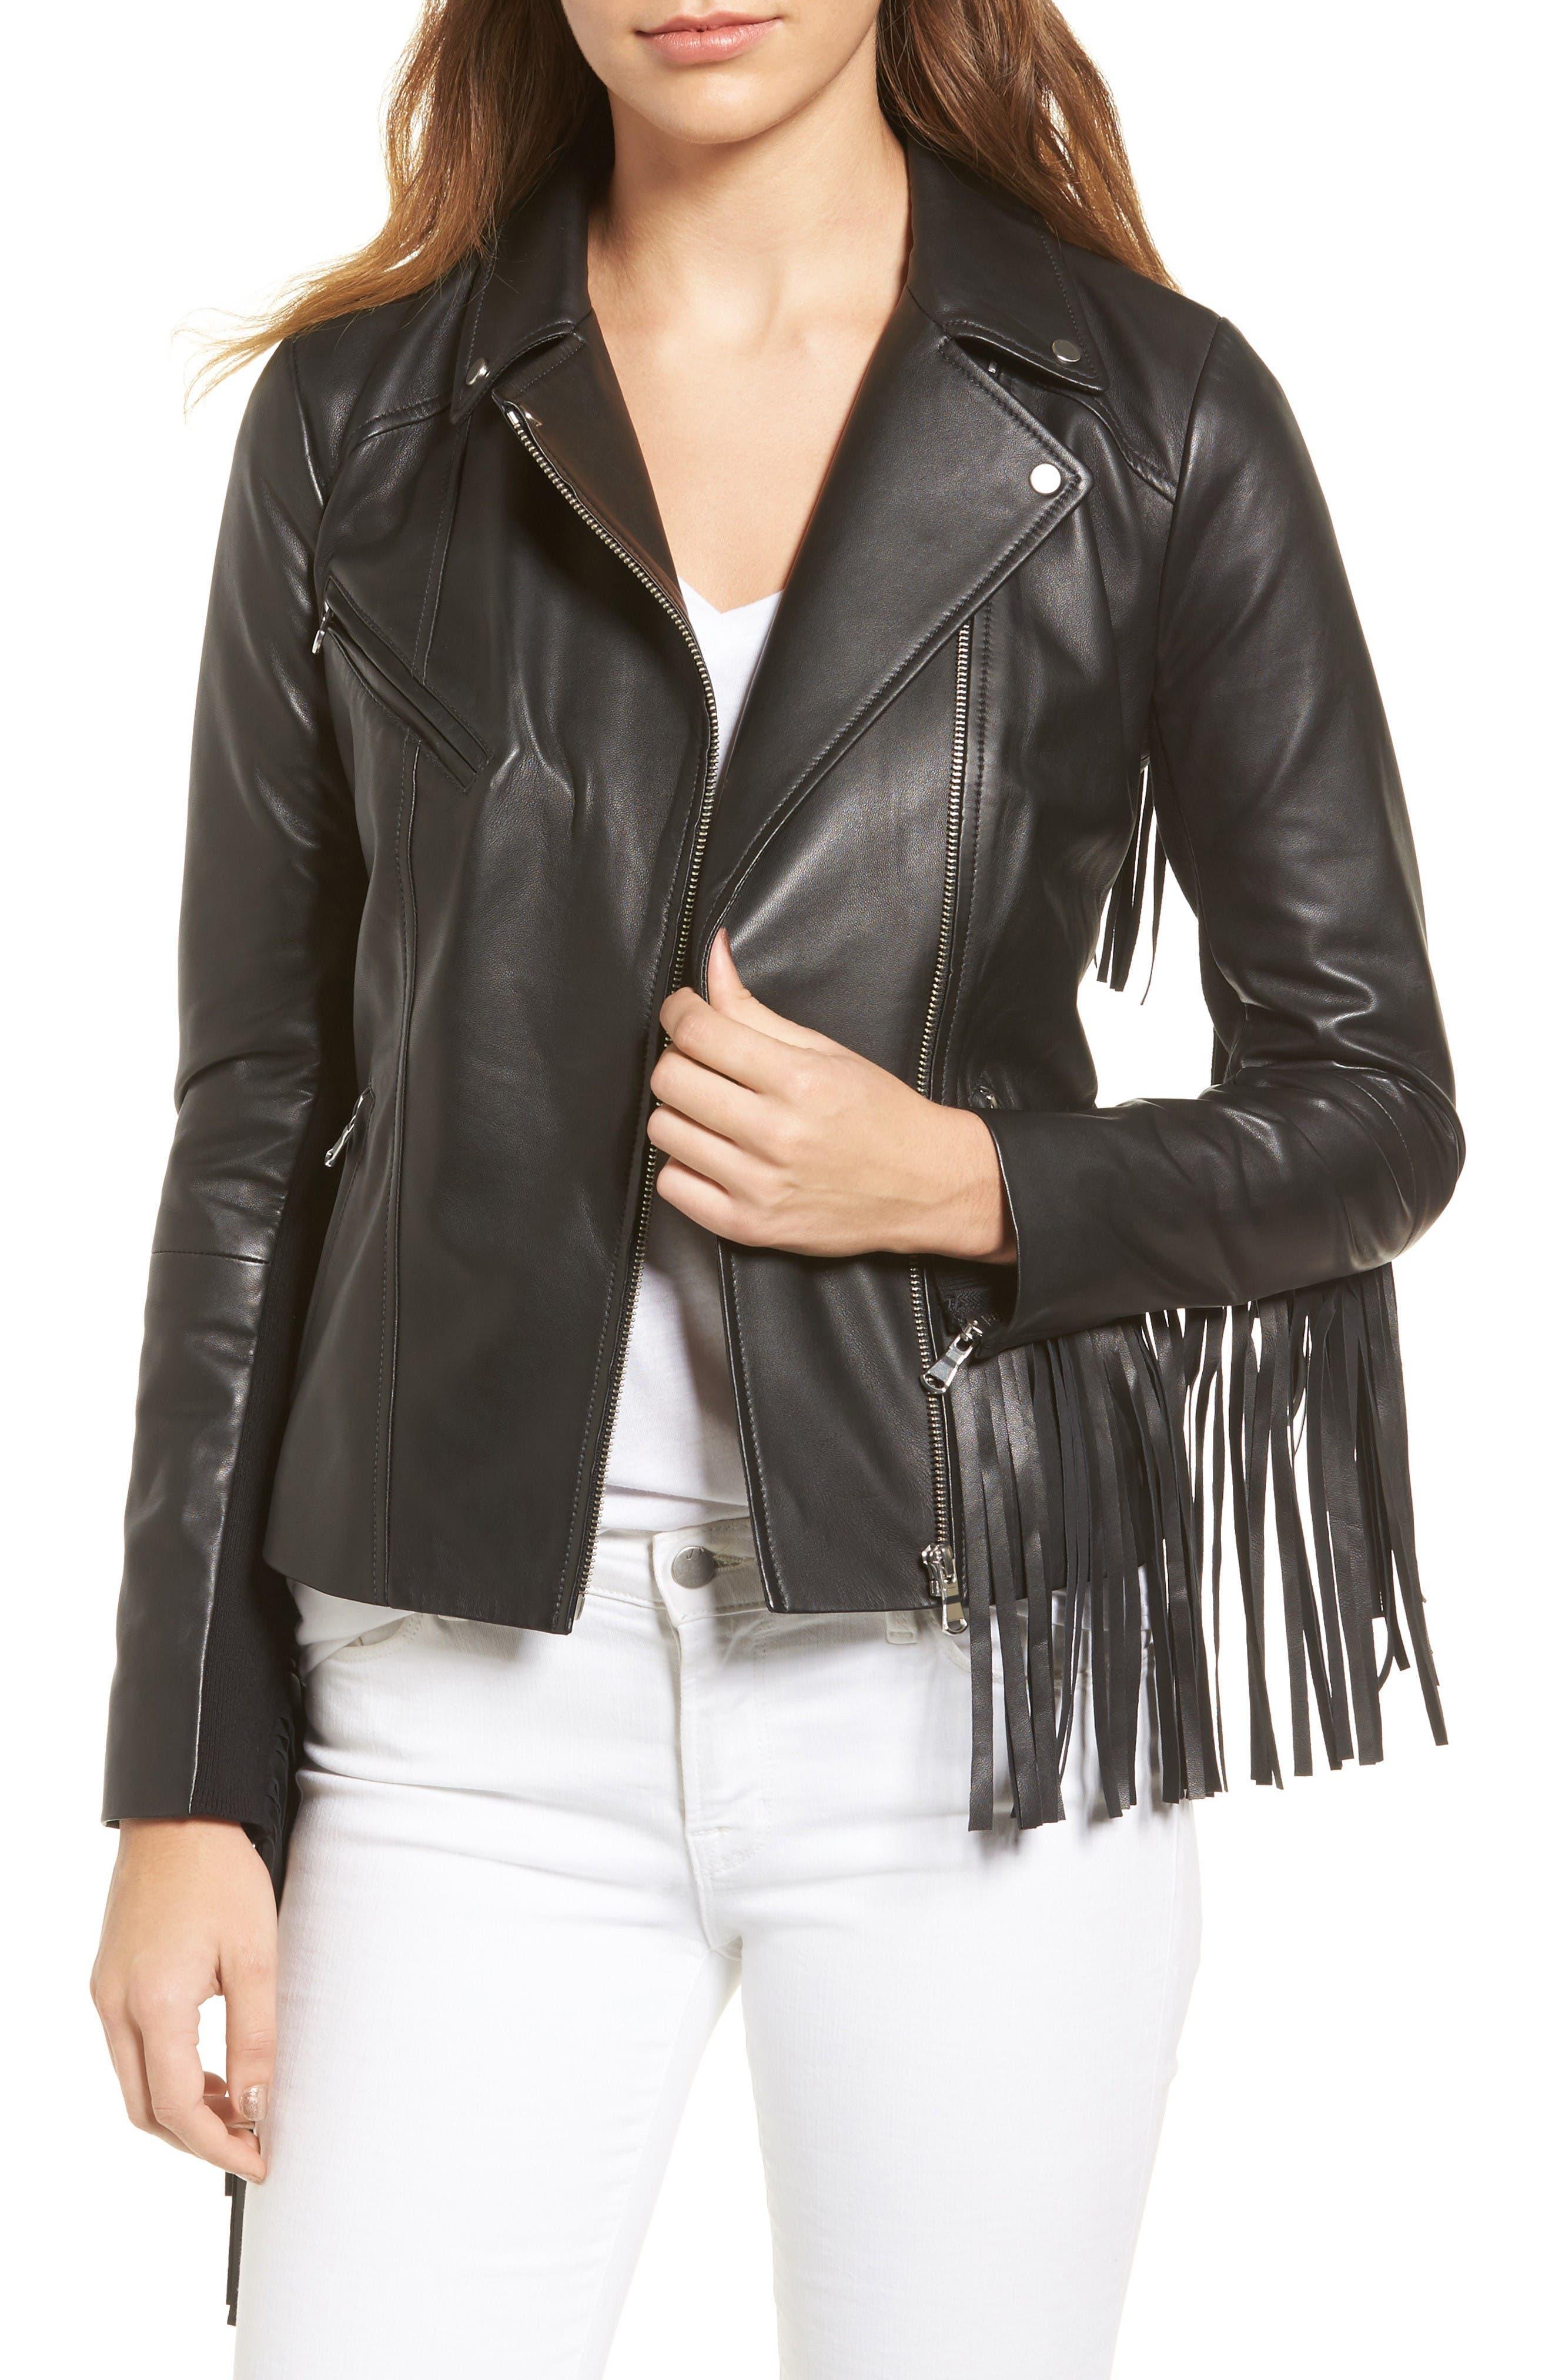 Trouvé Fringe Moto Leather Jacket